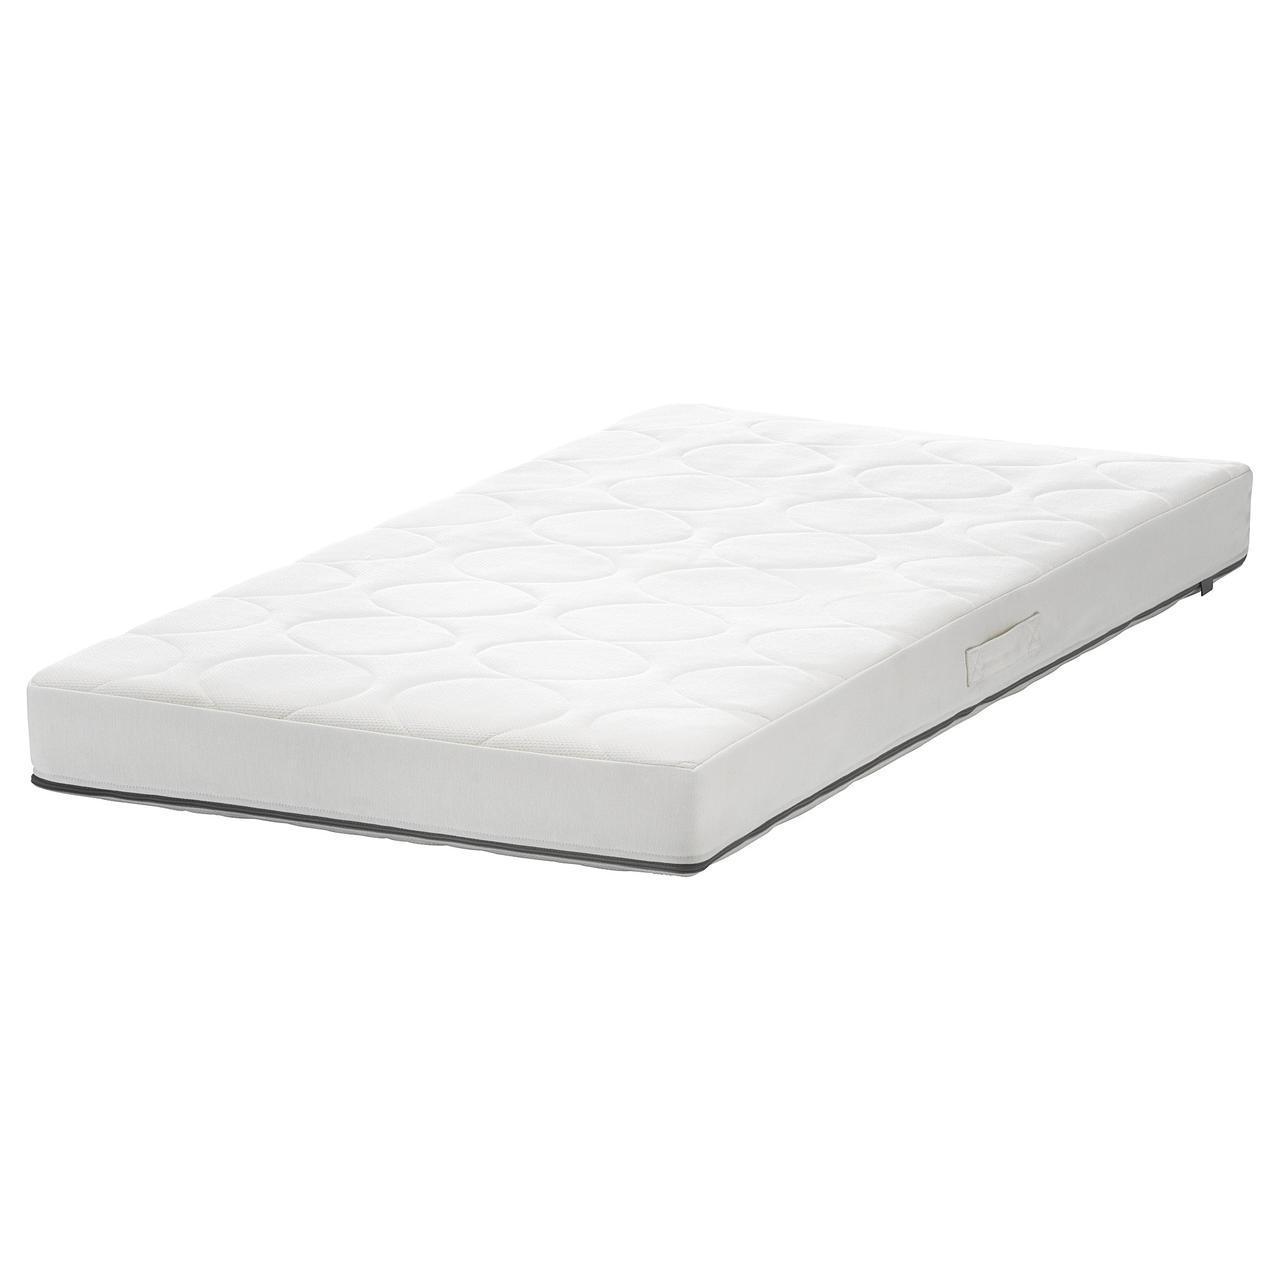 Матрас для детской кровати JATTETROTT